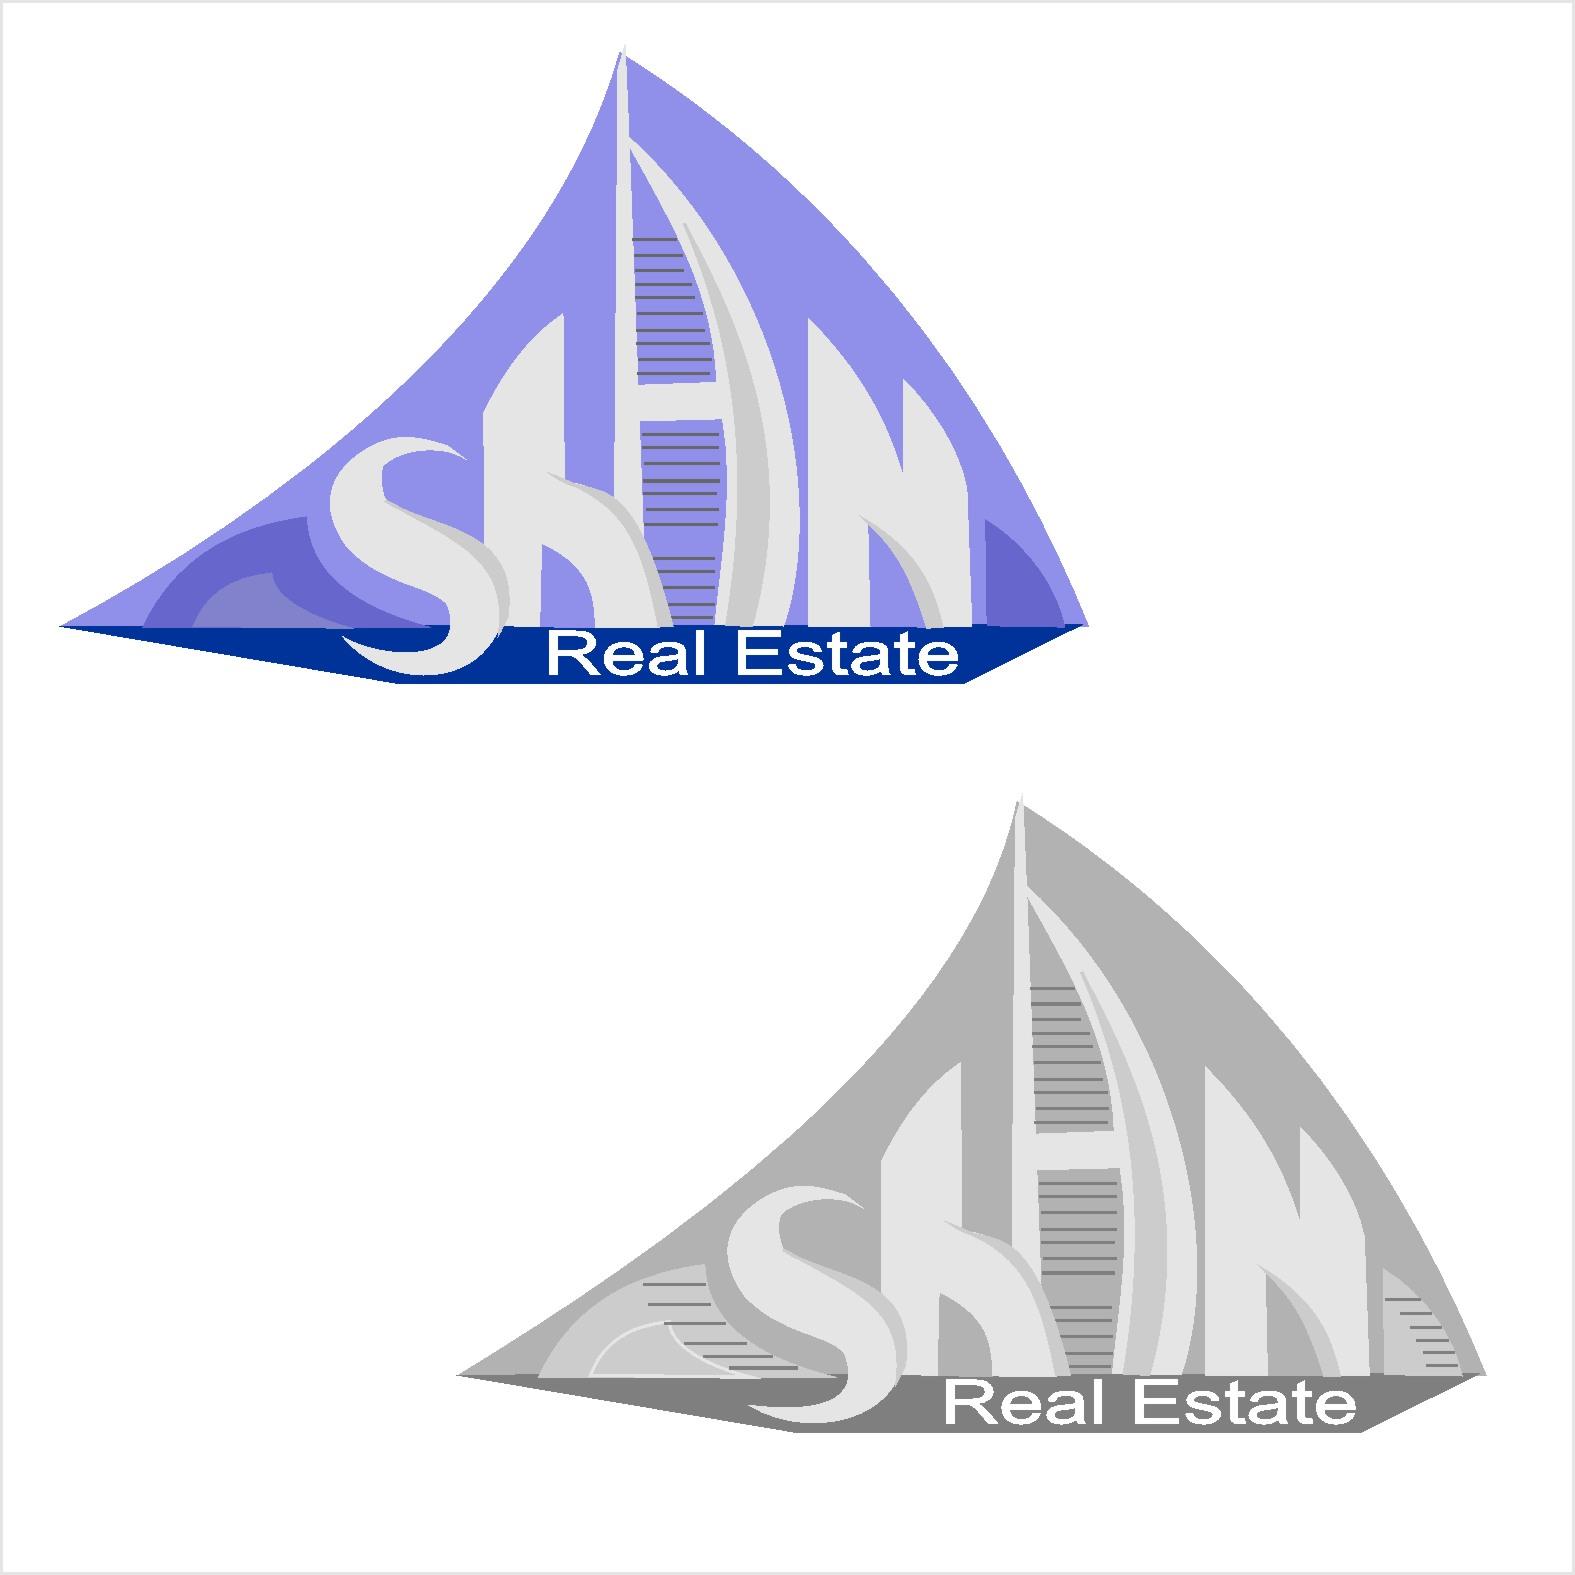 Логотип для агенство недвижемоти ШАН в Эмиратах. фото f_8605b72e46dcdf00.jpg